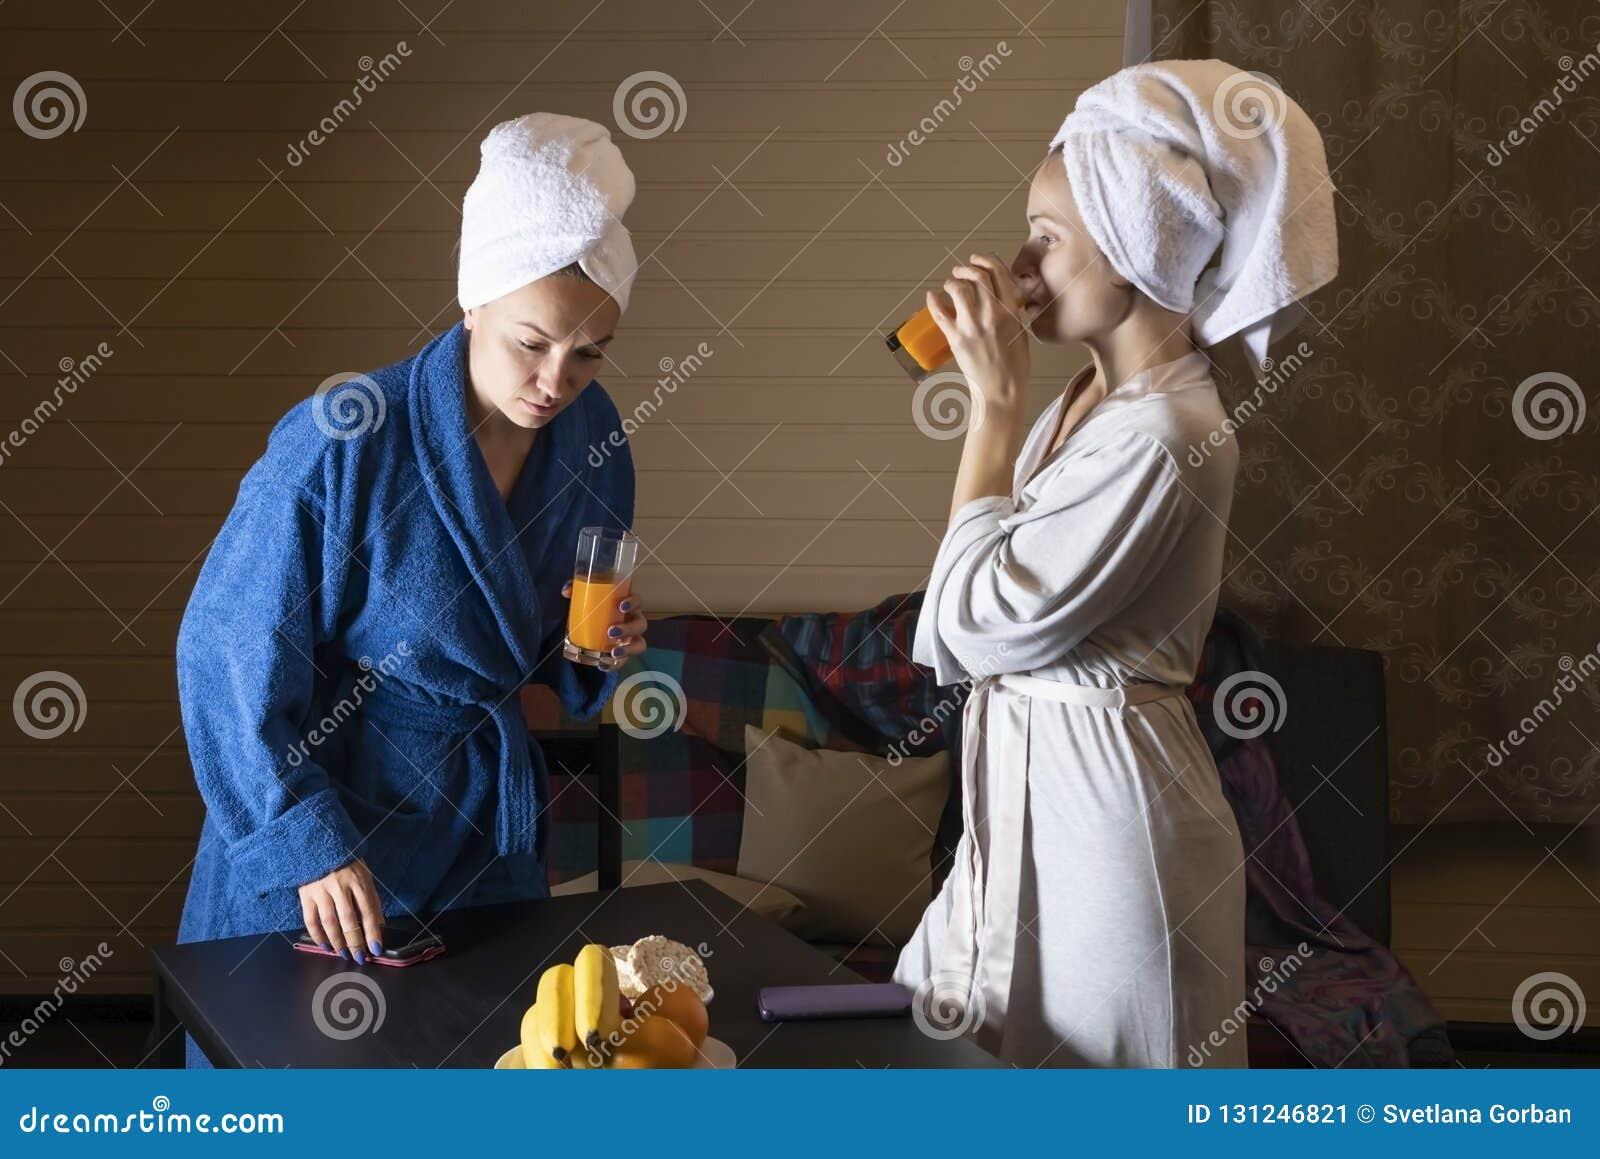 家庭衣裳的妇女喝汁液